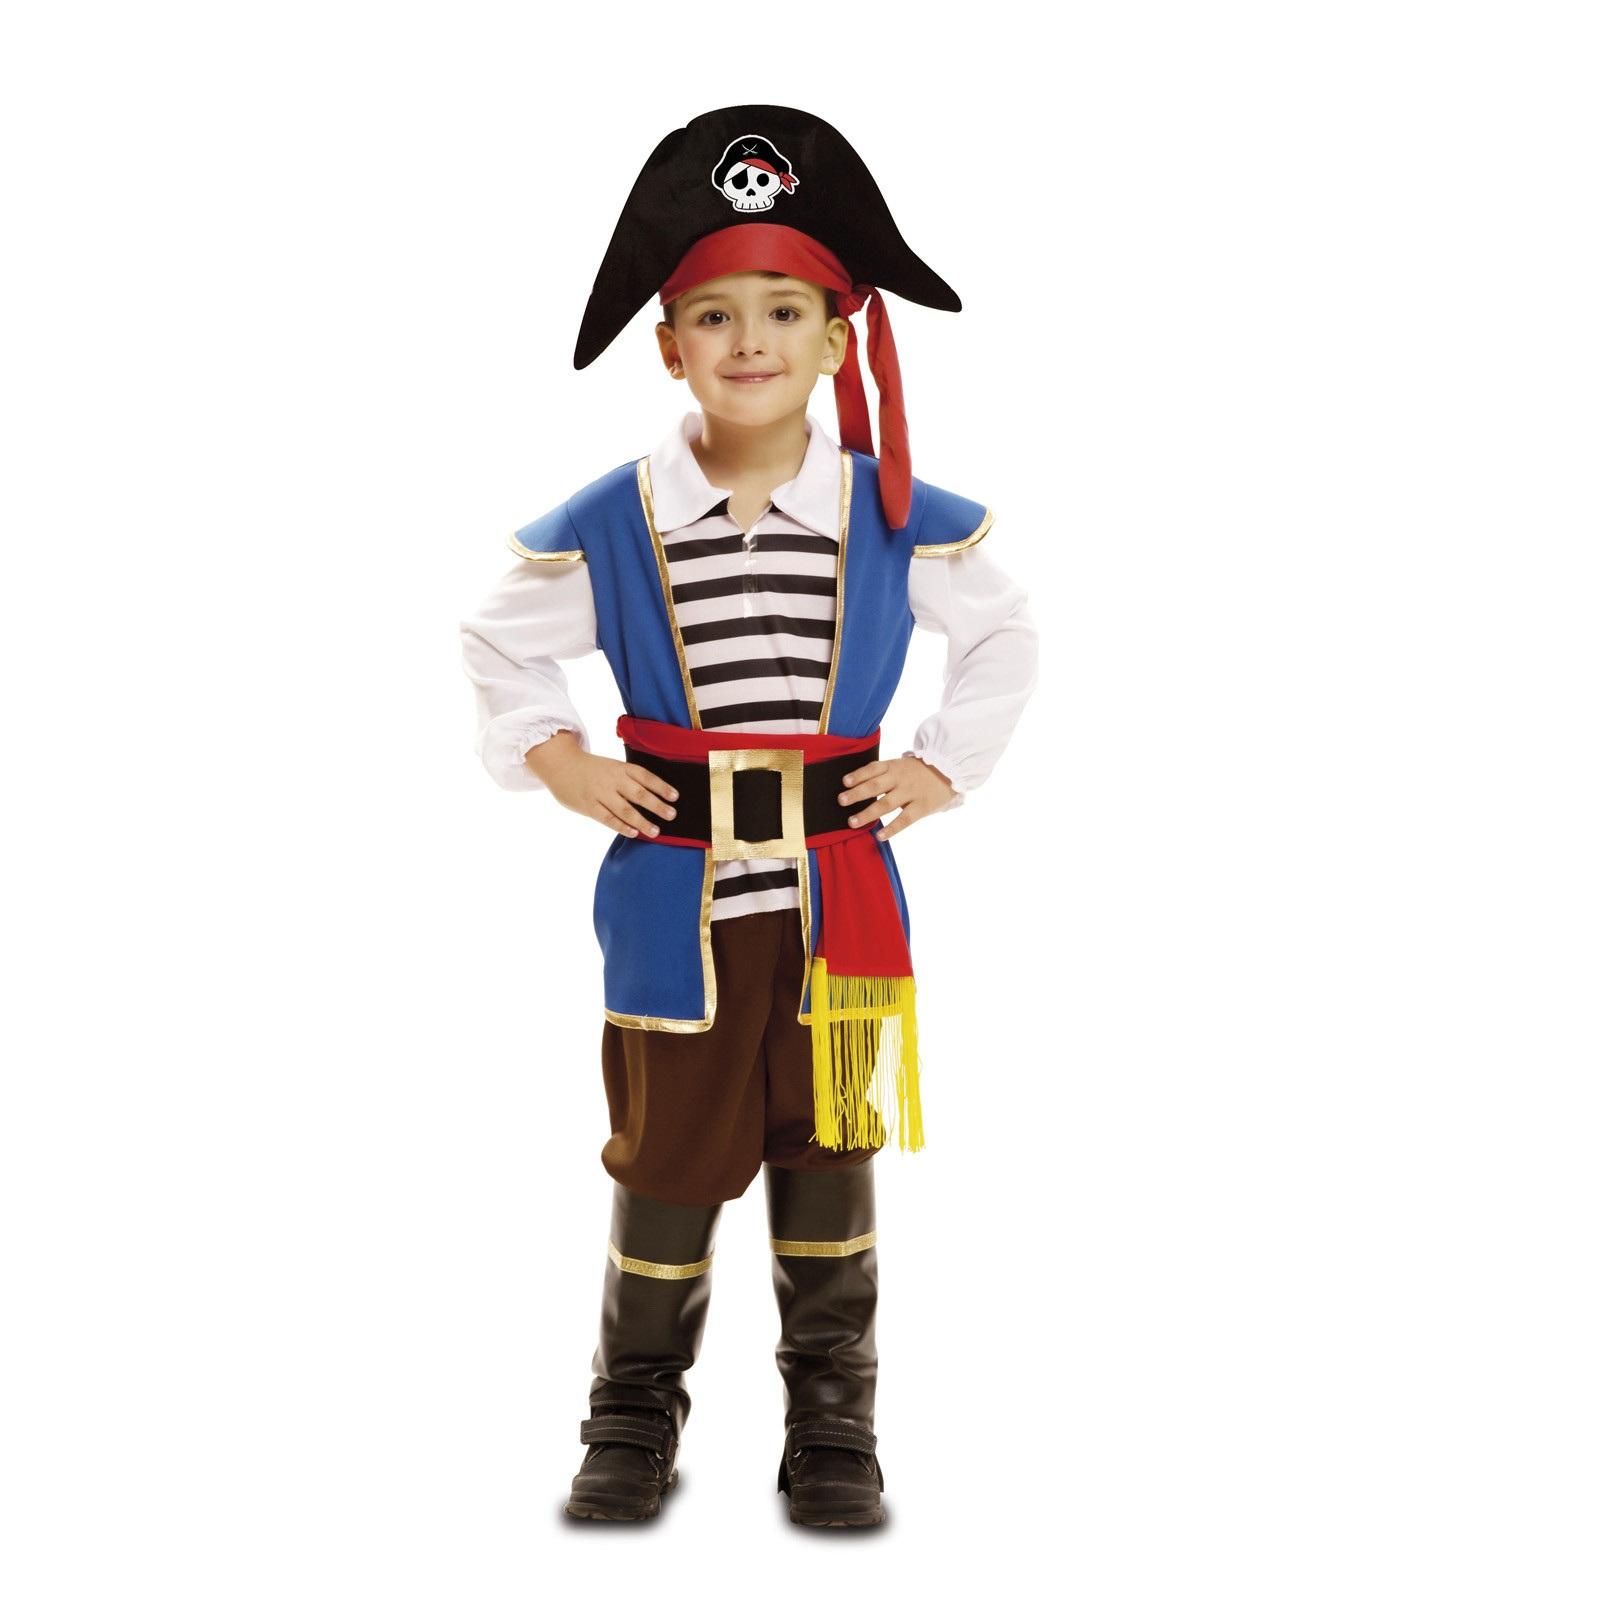 disfraz pequeño pirata azul niño 202005mom - DISFRAZ DE PEQUEÑO PIRATA AZUL NIÑO